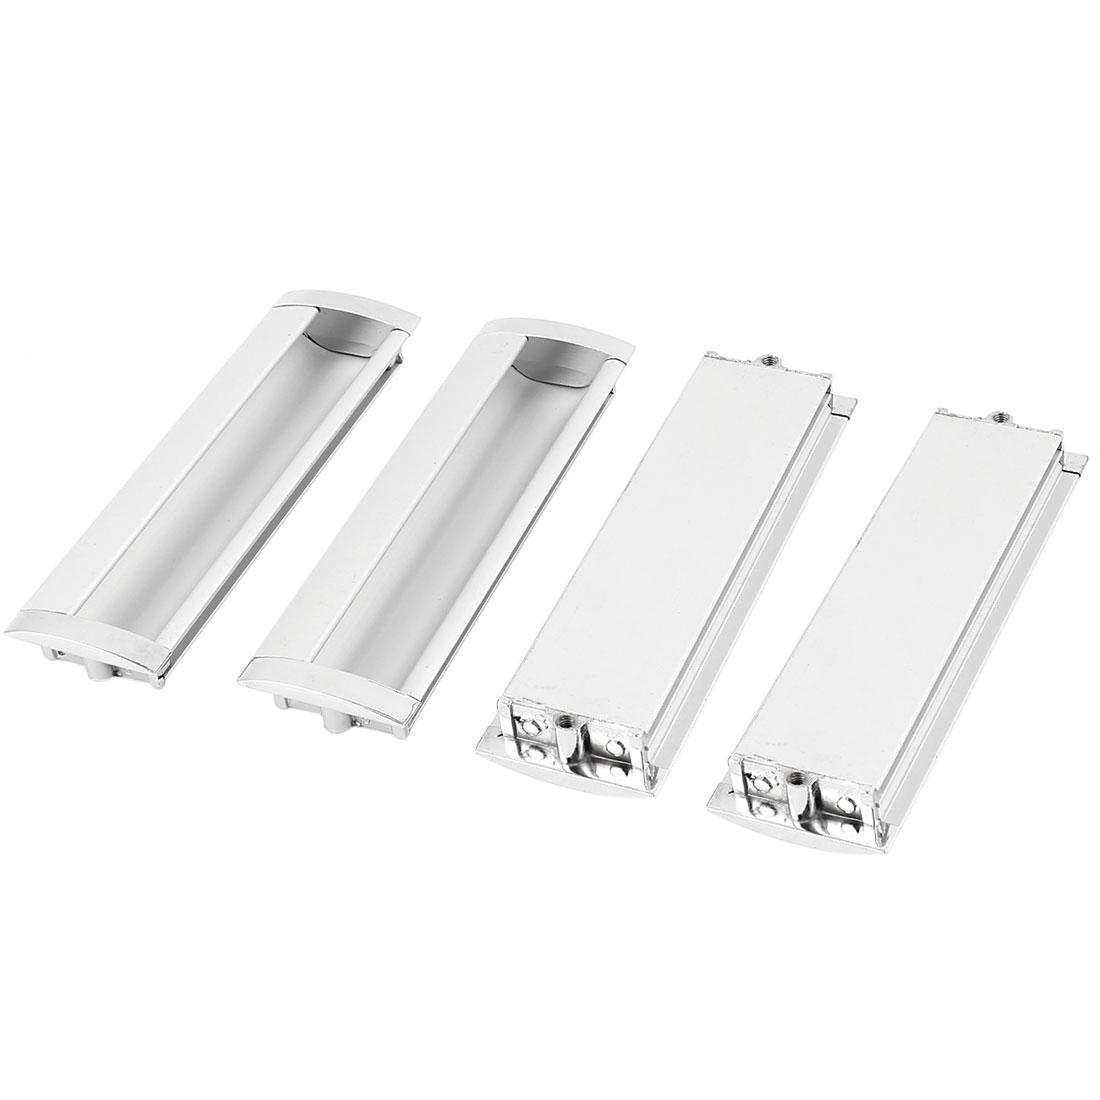 140mmx45mm Aluminium Rectangle Cabinet Door Flush Recessed Pull Handle 4PCS